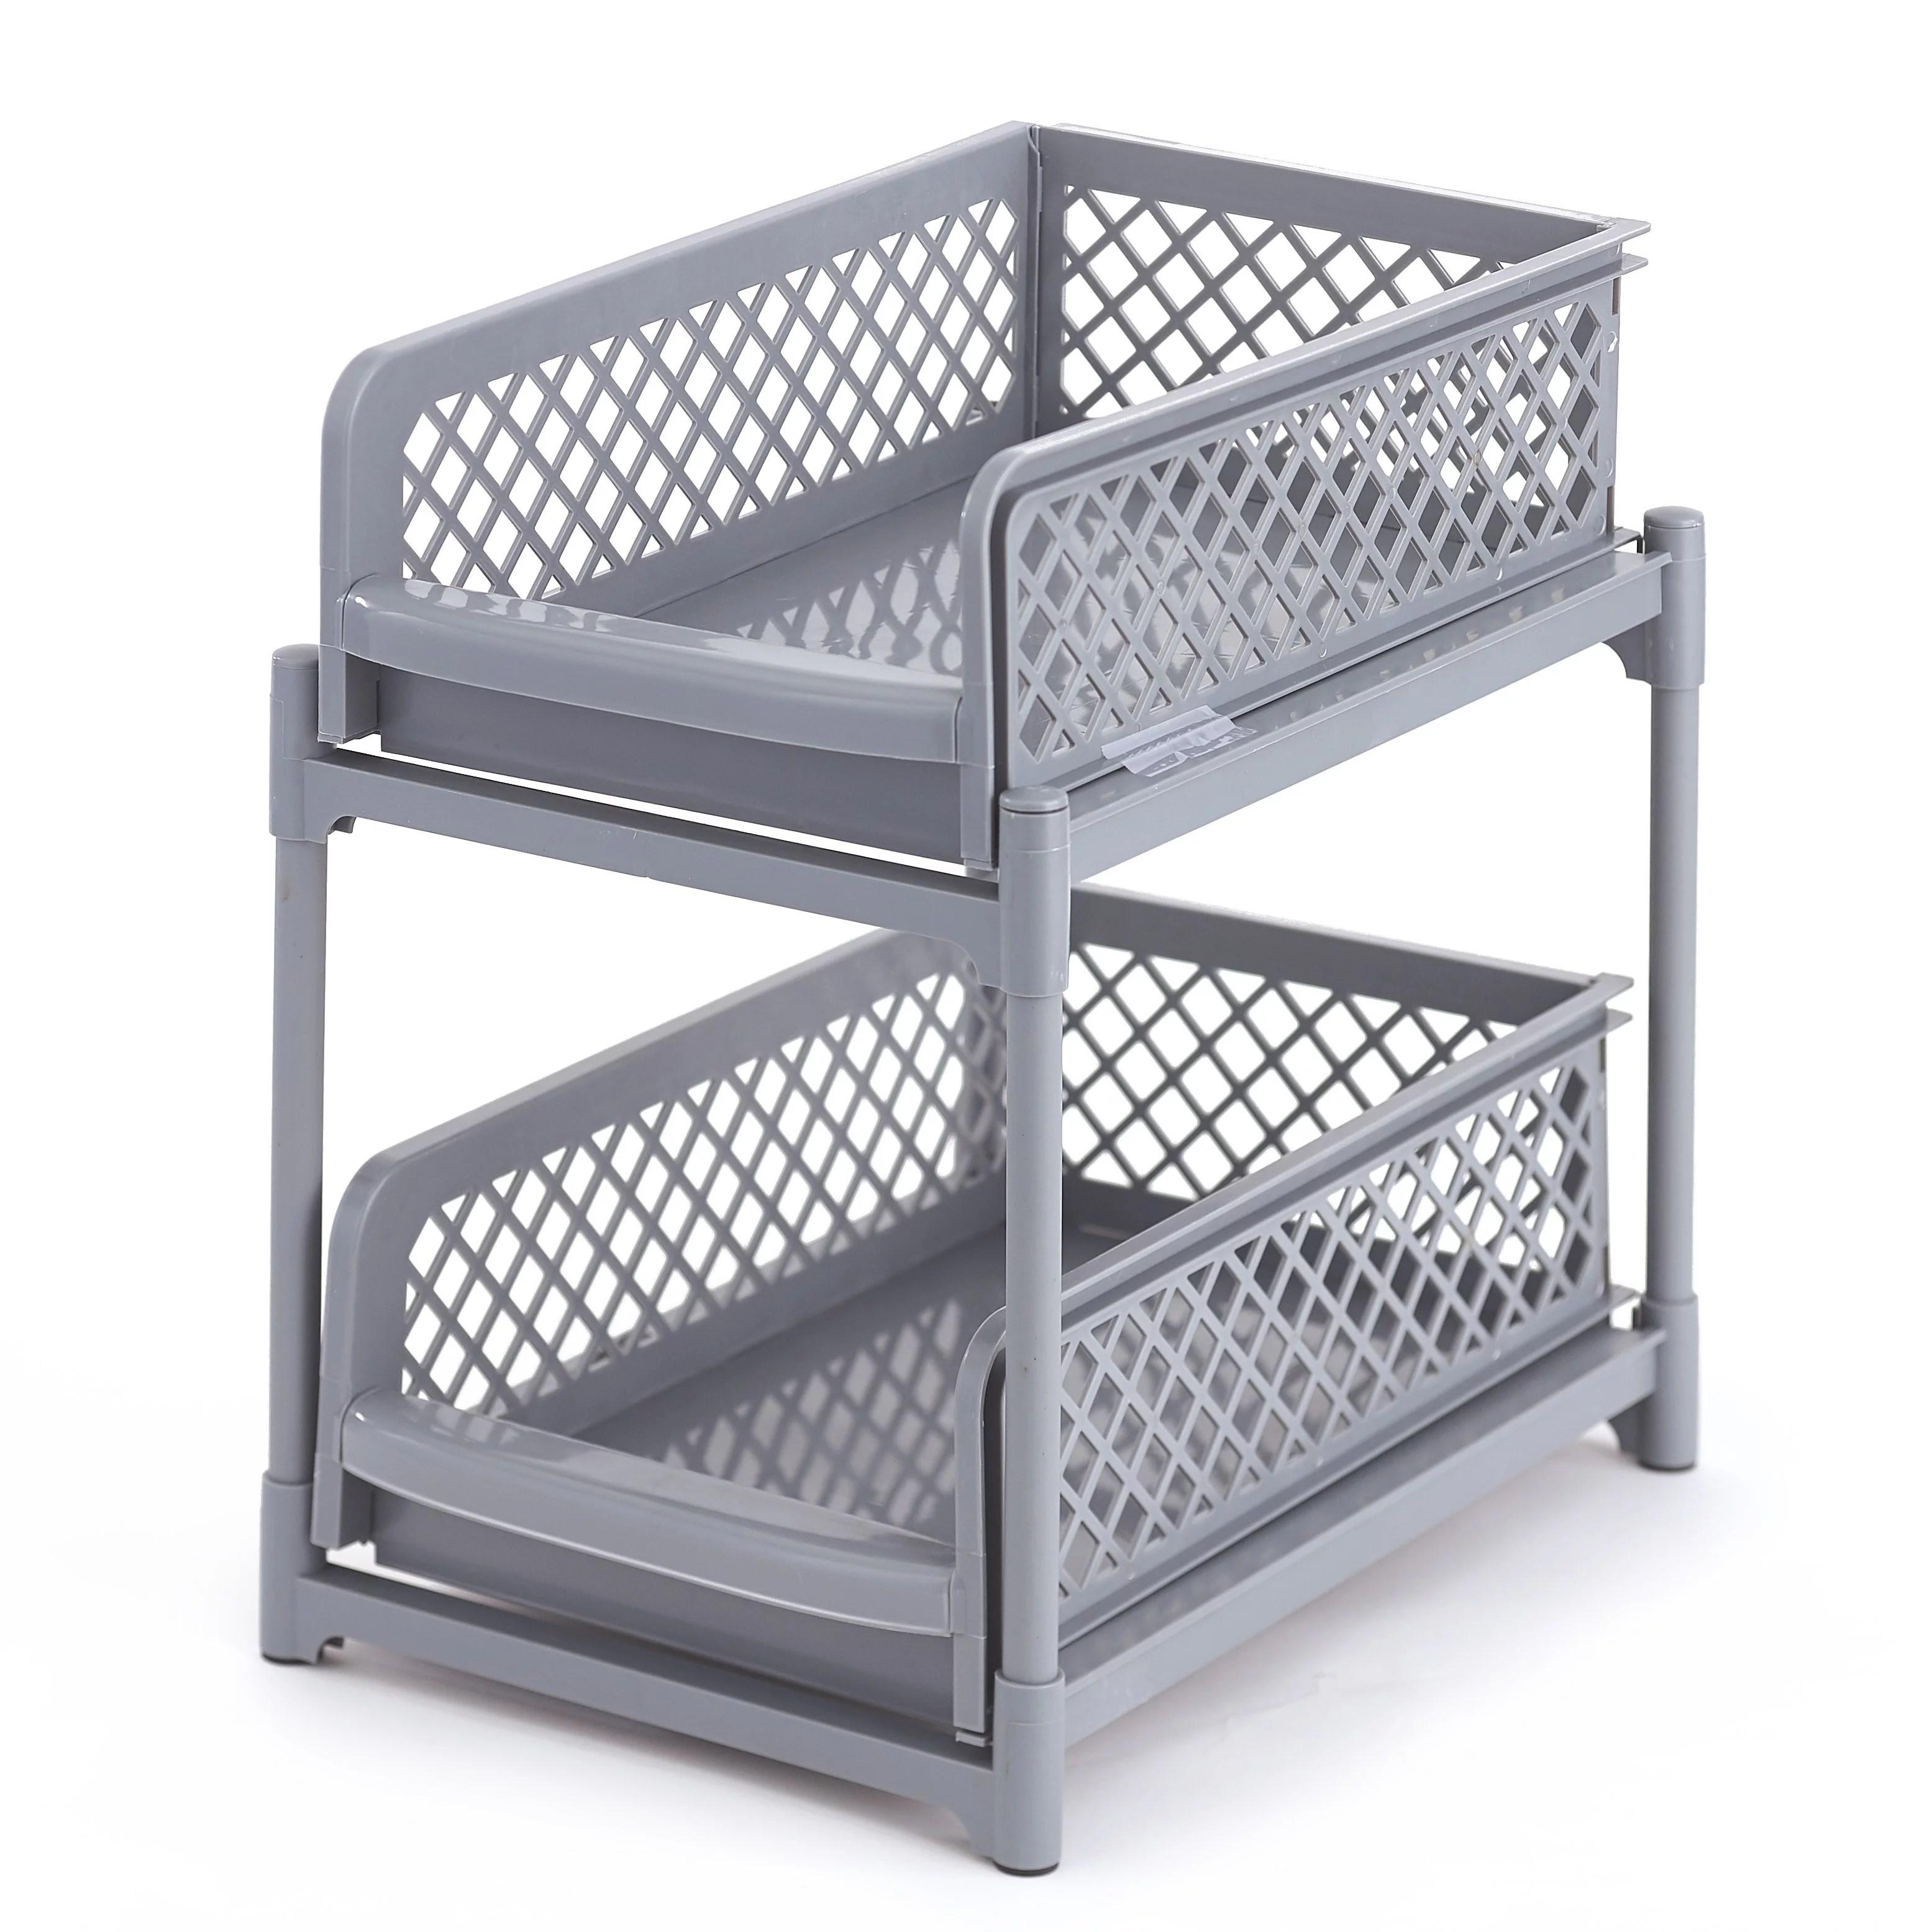 2 tier sliding basket under sink organizer and storage gray